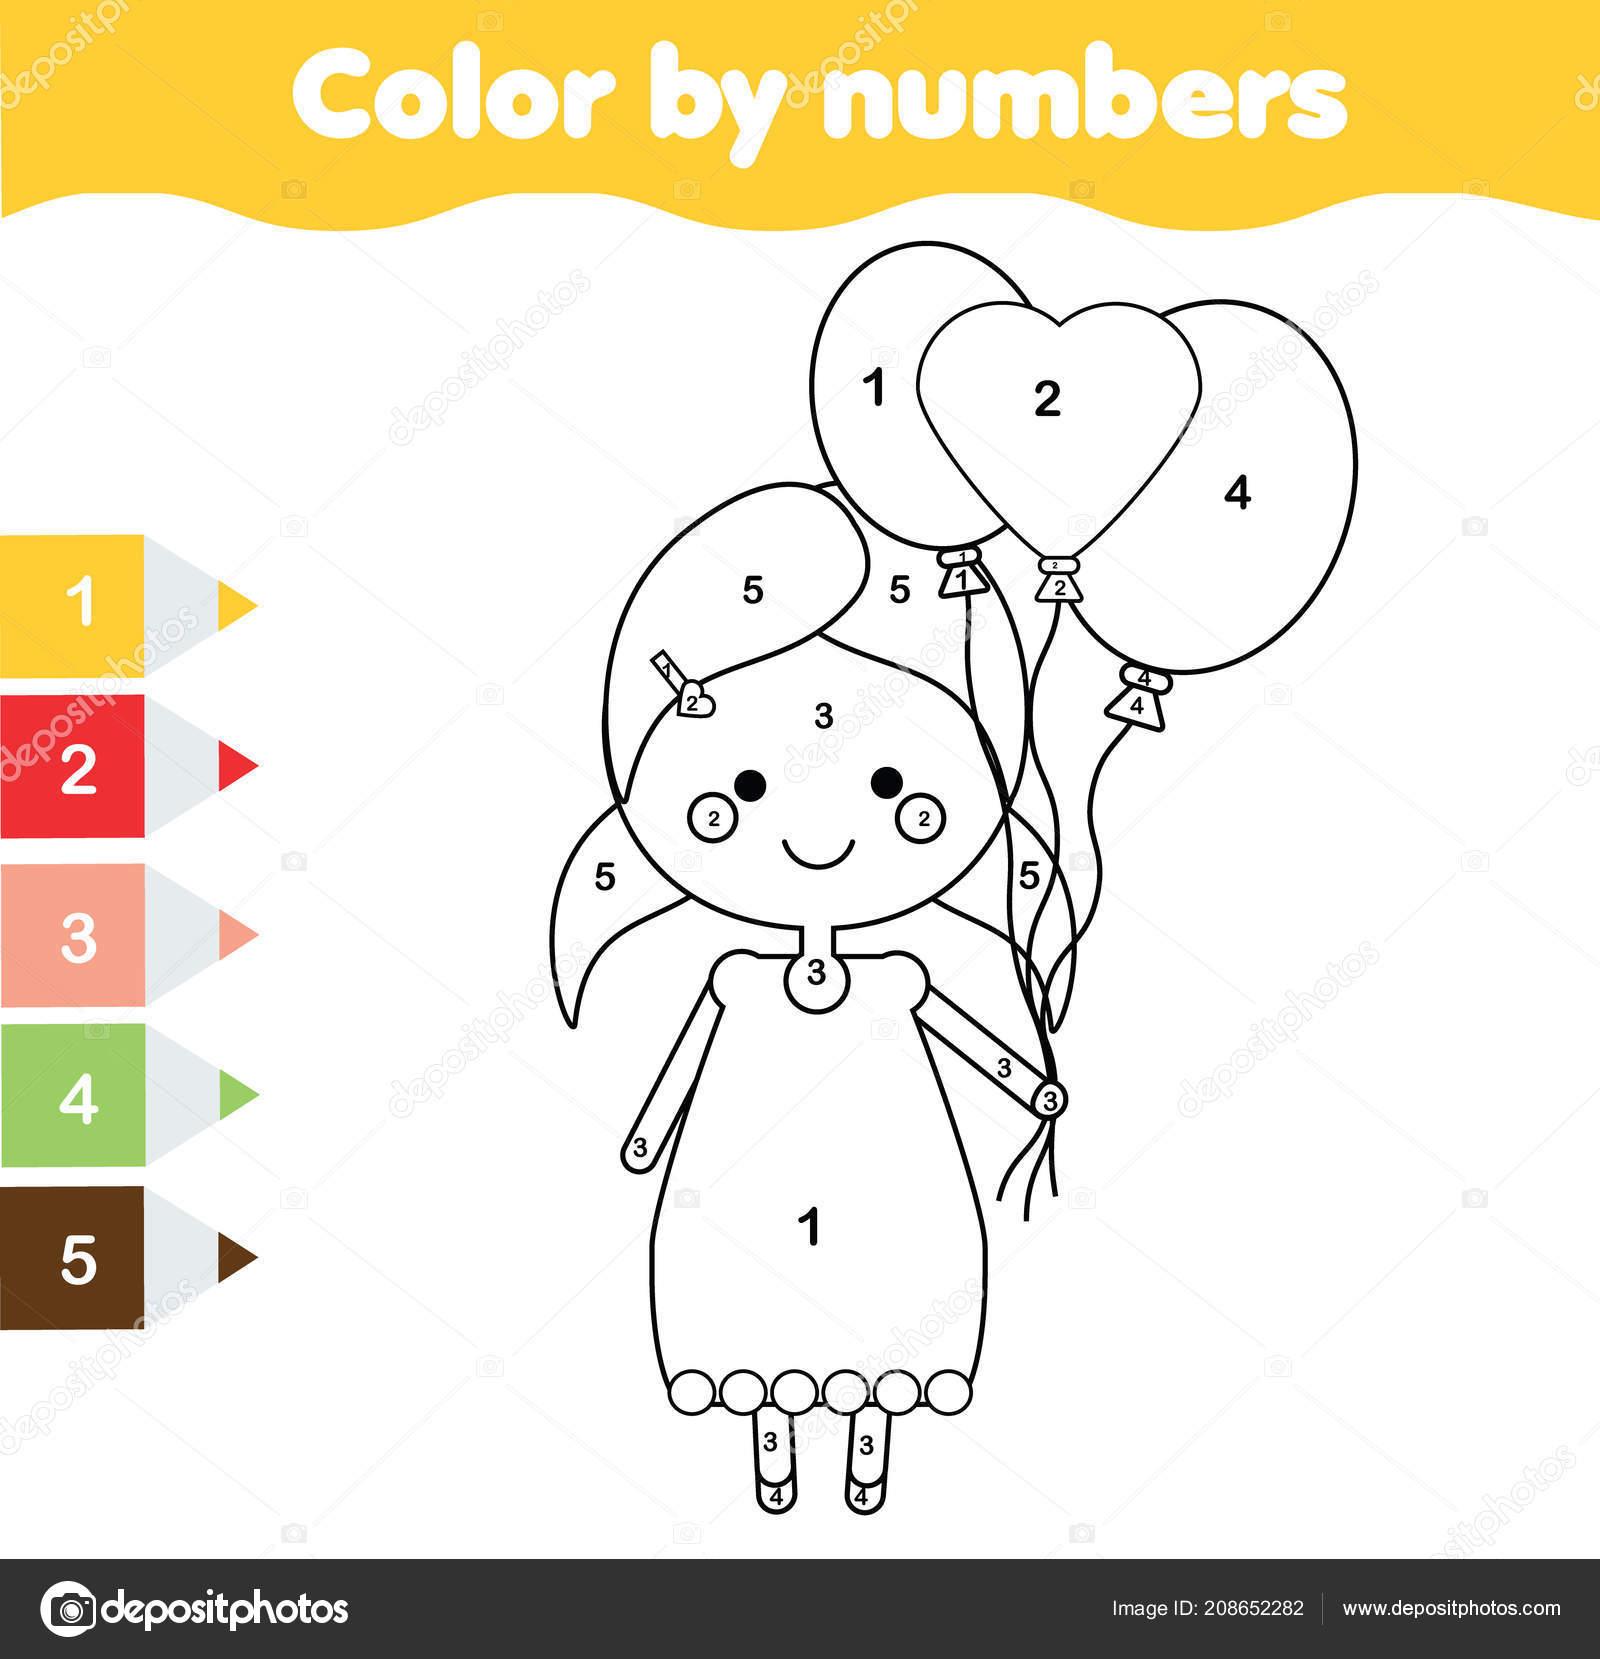 çocuk Eğitim Oyunu Boyama Sayfası Ile Balonları Tutan Kız Renk